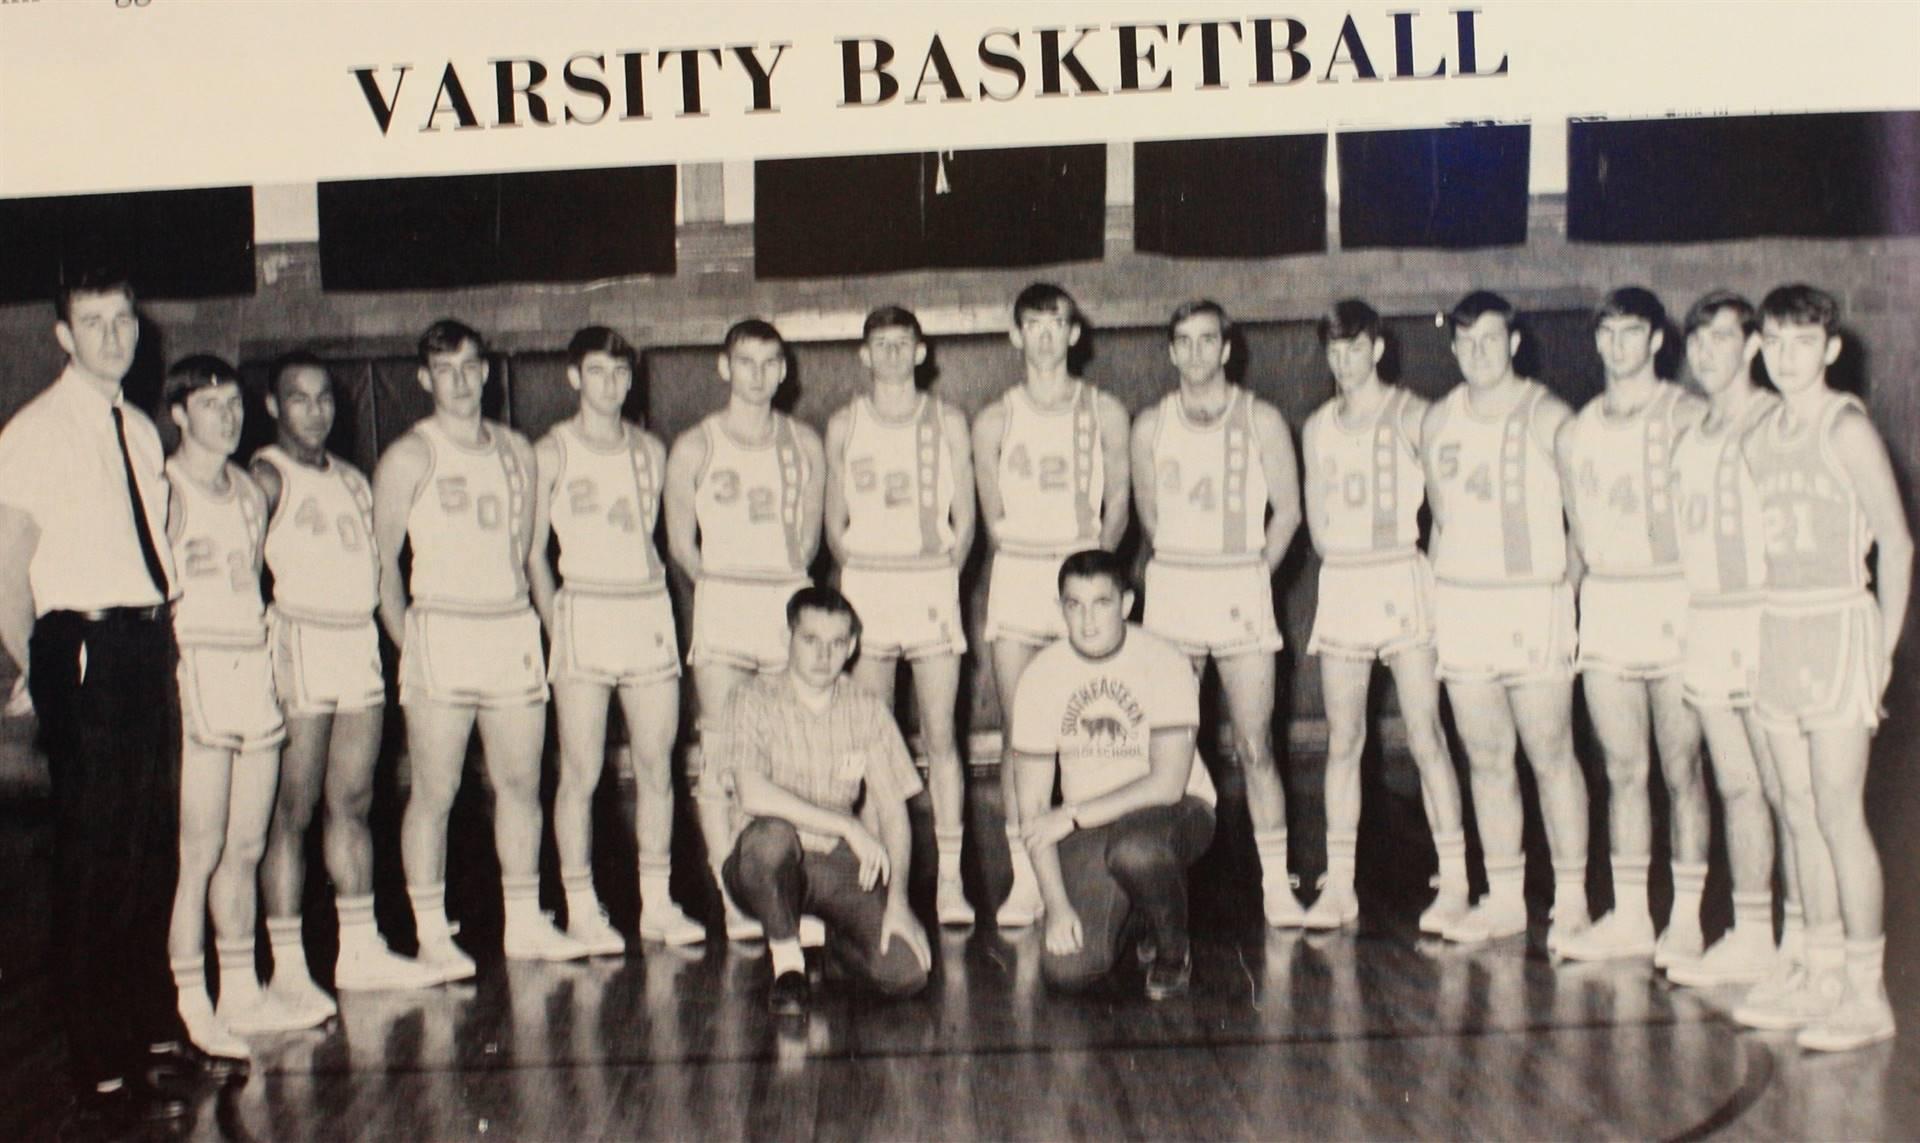 1969 Varsity Basketball